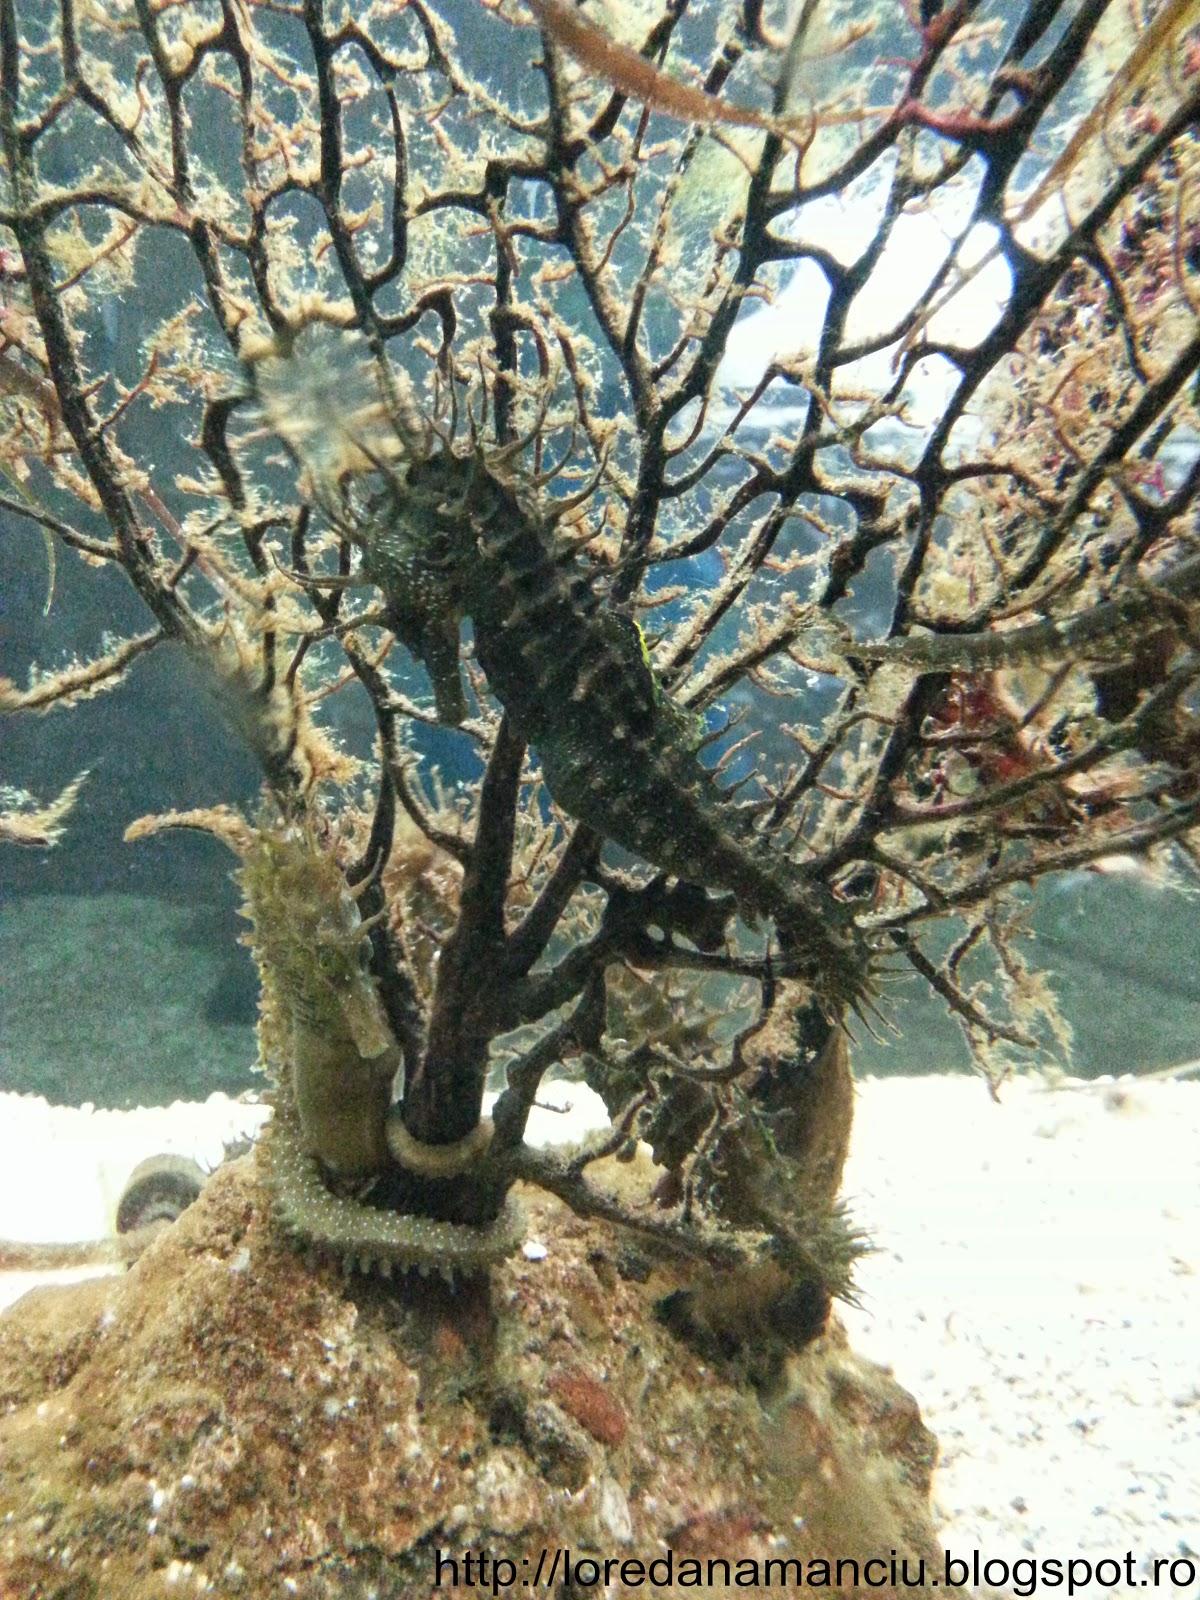 Aquarium from Croatia, Pola